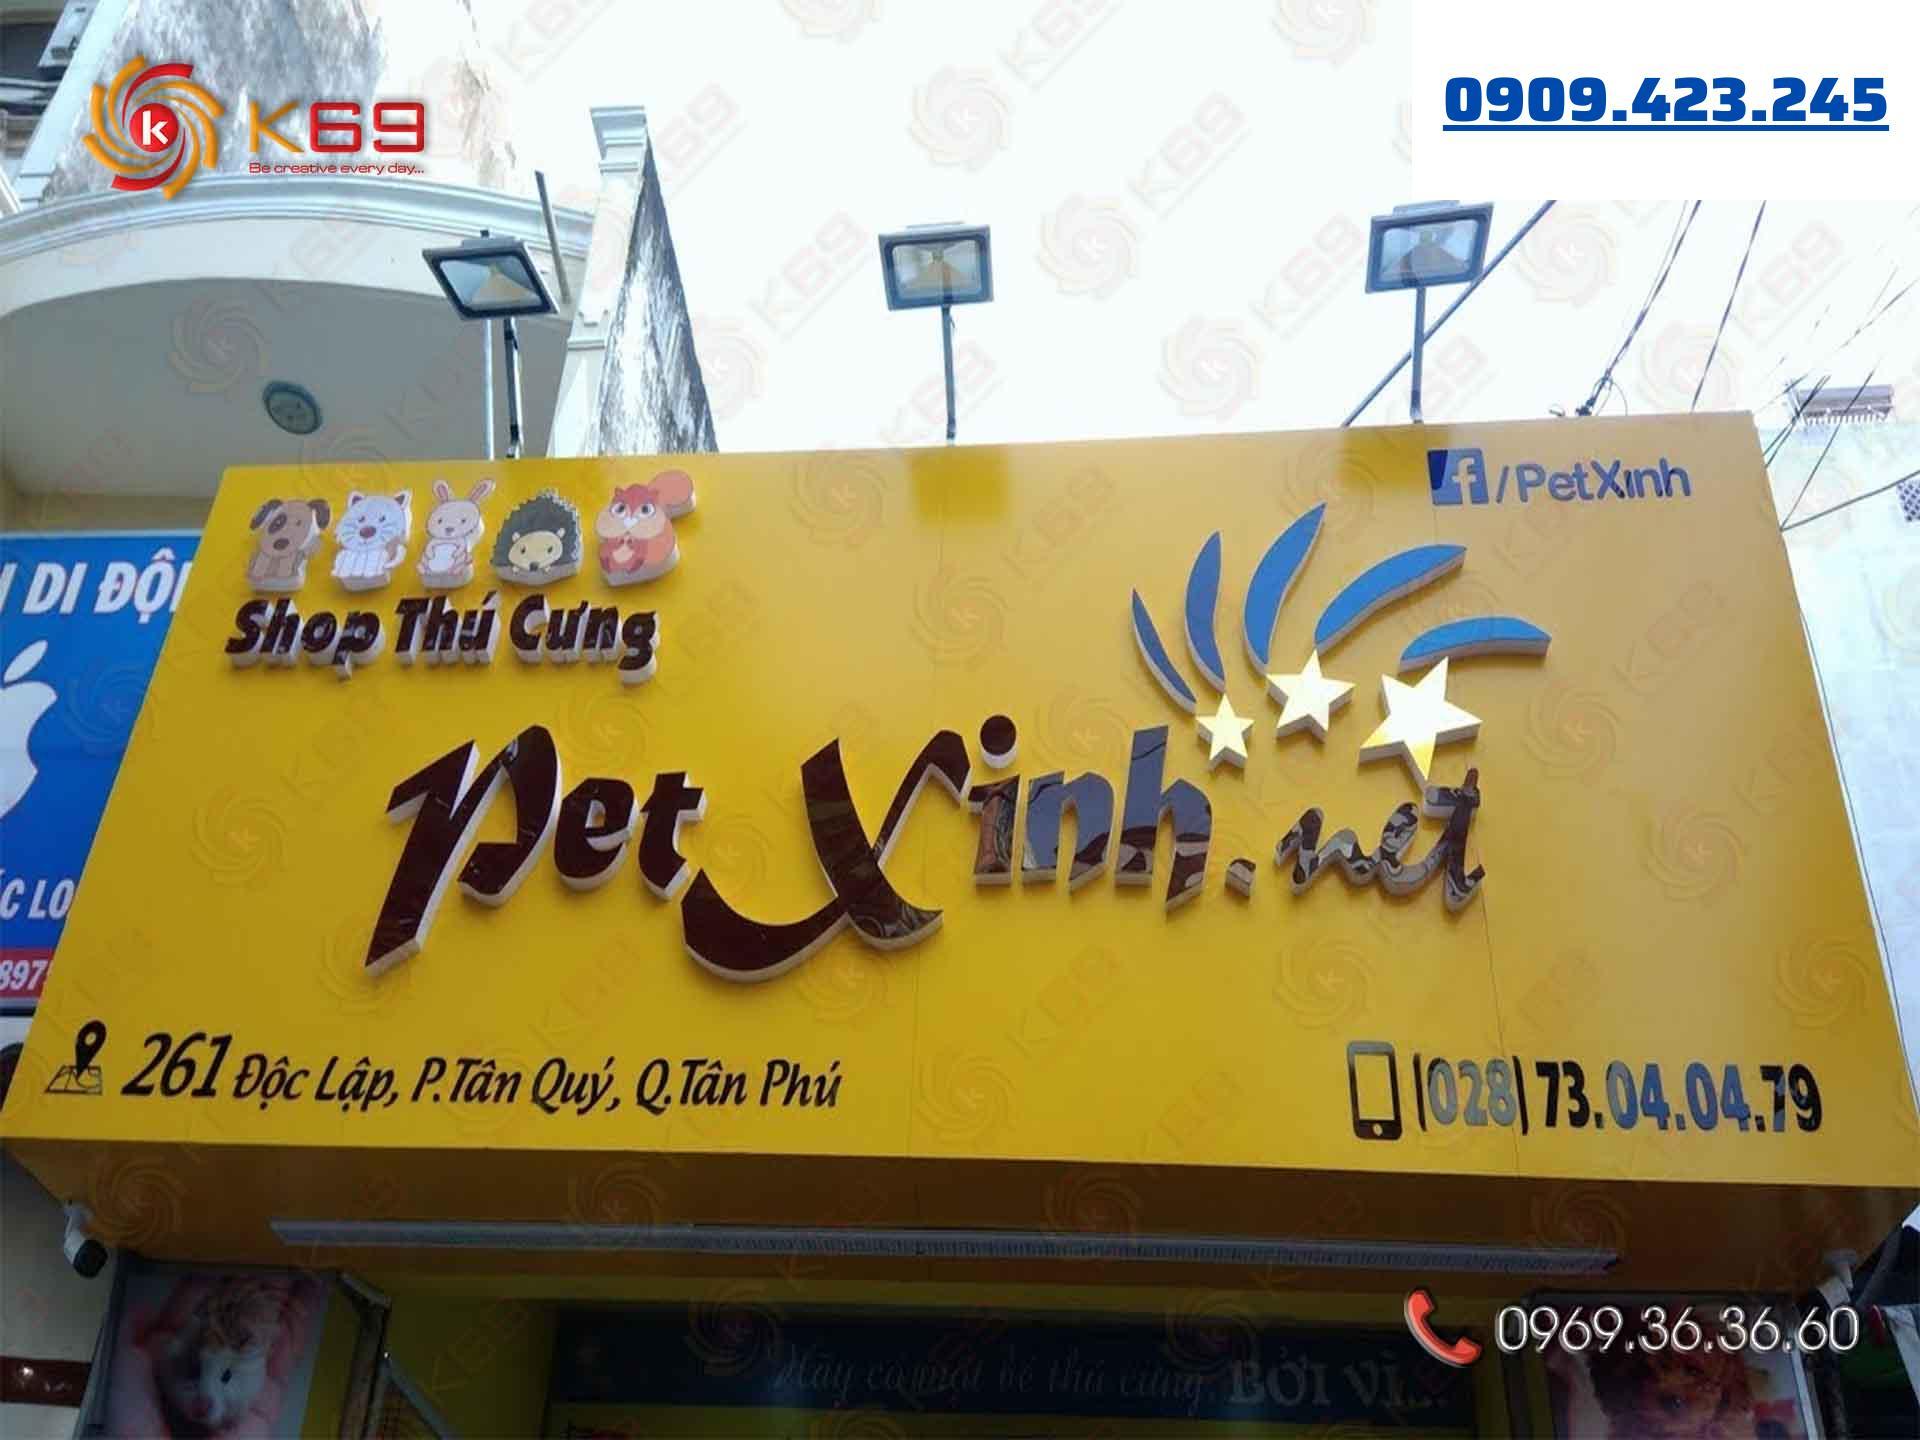 Mẫu bảng hiệu shop thú cưng Pet Xinh đẹp tại K69adv